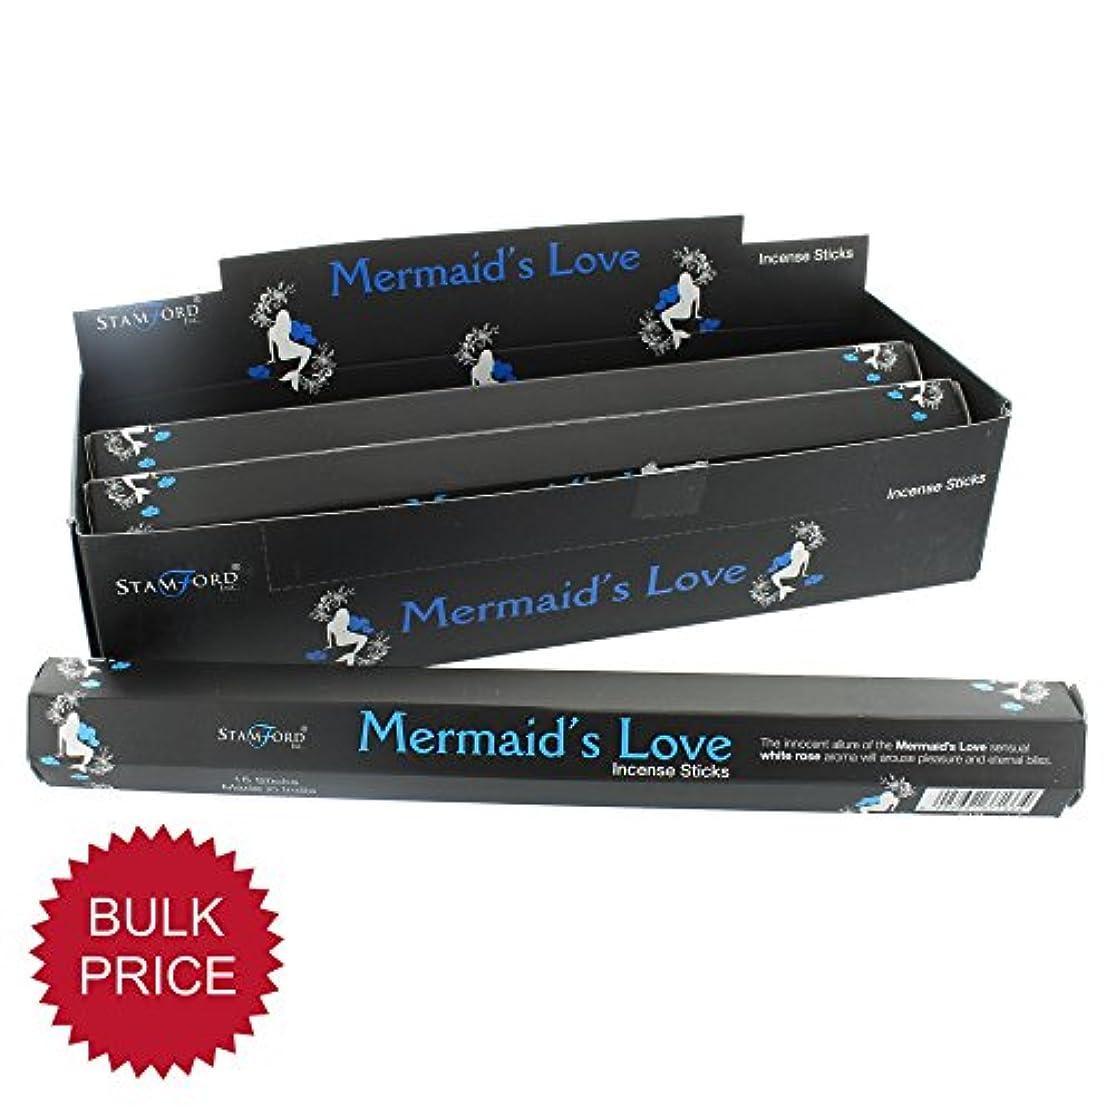 モンキーたるみ戻す37133 Mermaid 's Love StamfordブラックIncense Sticks